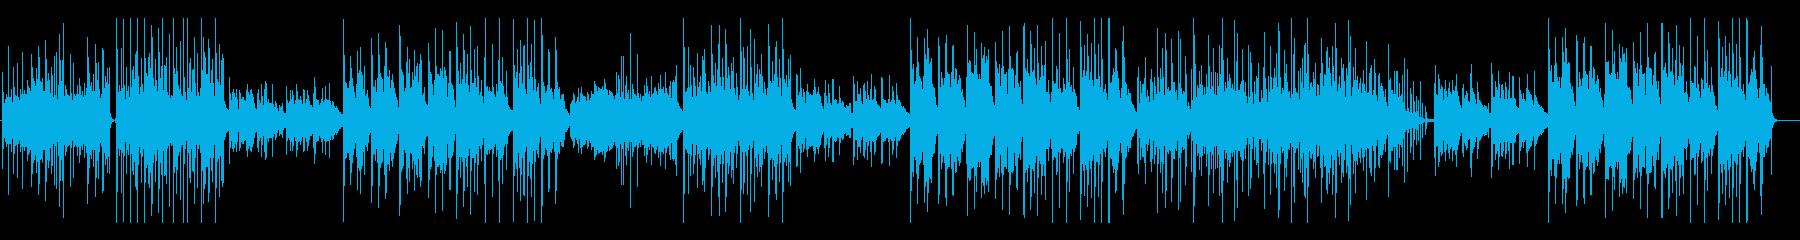 【生演奏】愛嬌のあるかわいいいポップスの再生済みの波形